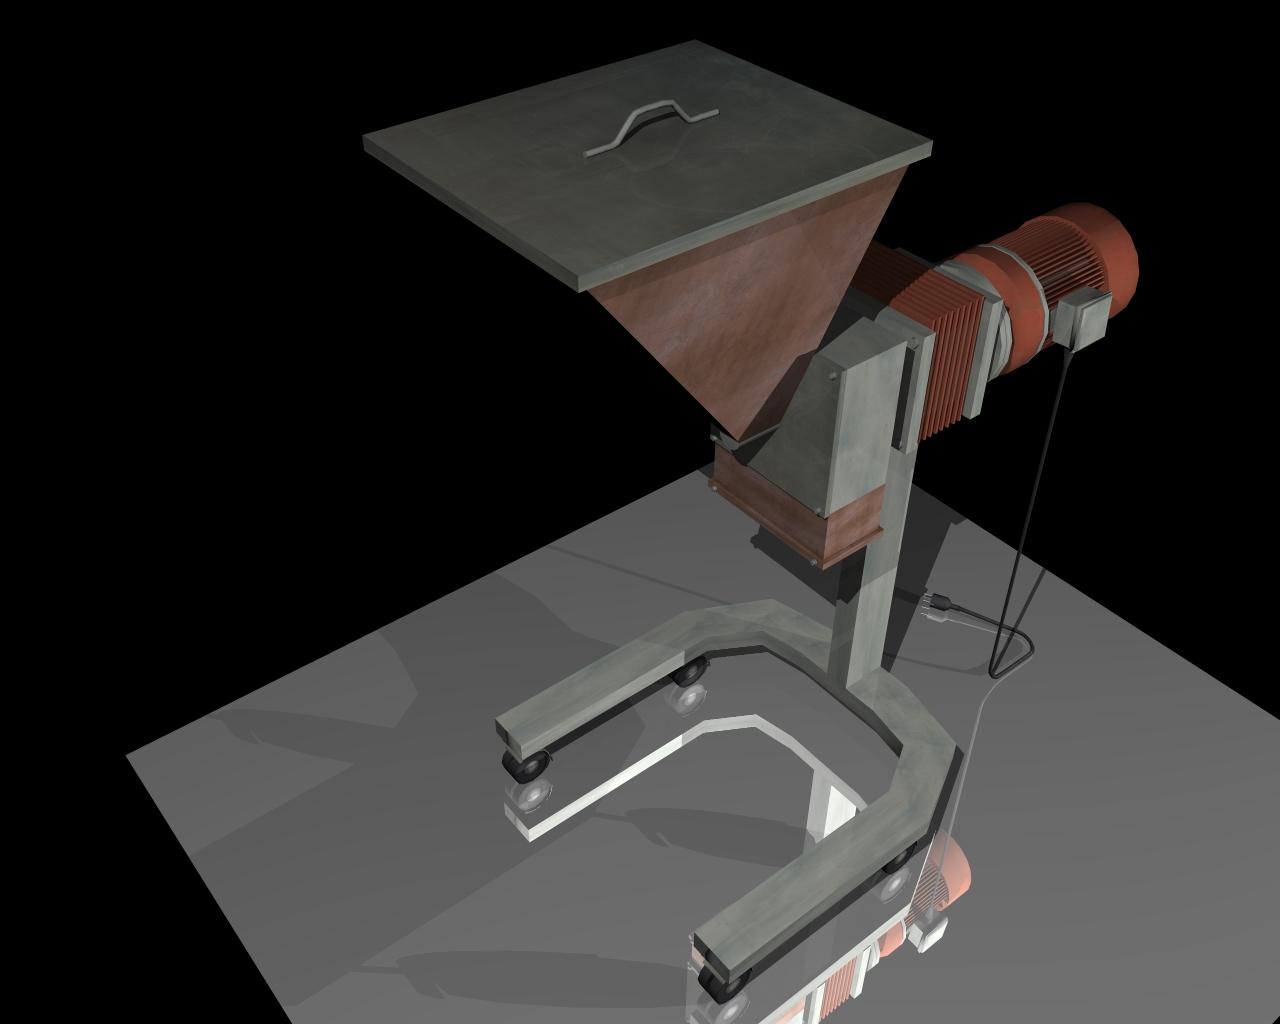 grind machine 3d model 3ds 164265